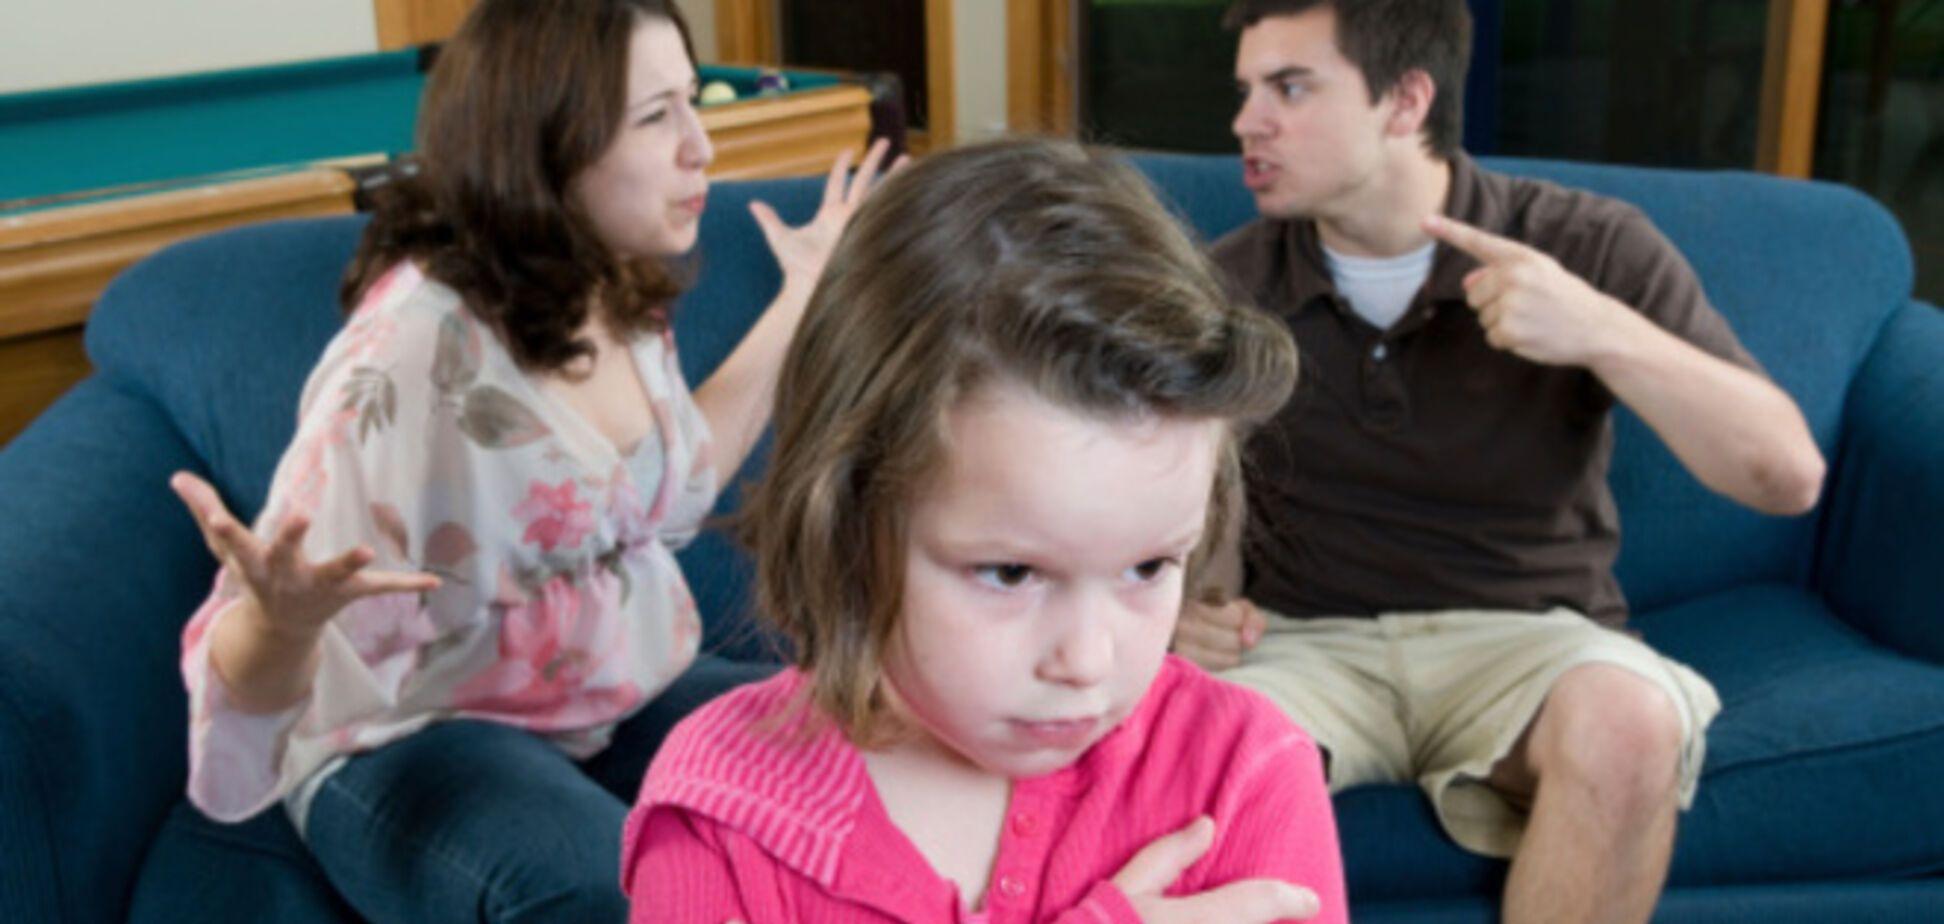 Насилие в семье оставляет 'шрам' в ДНК ребенка